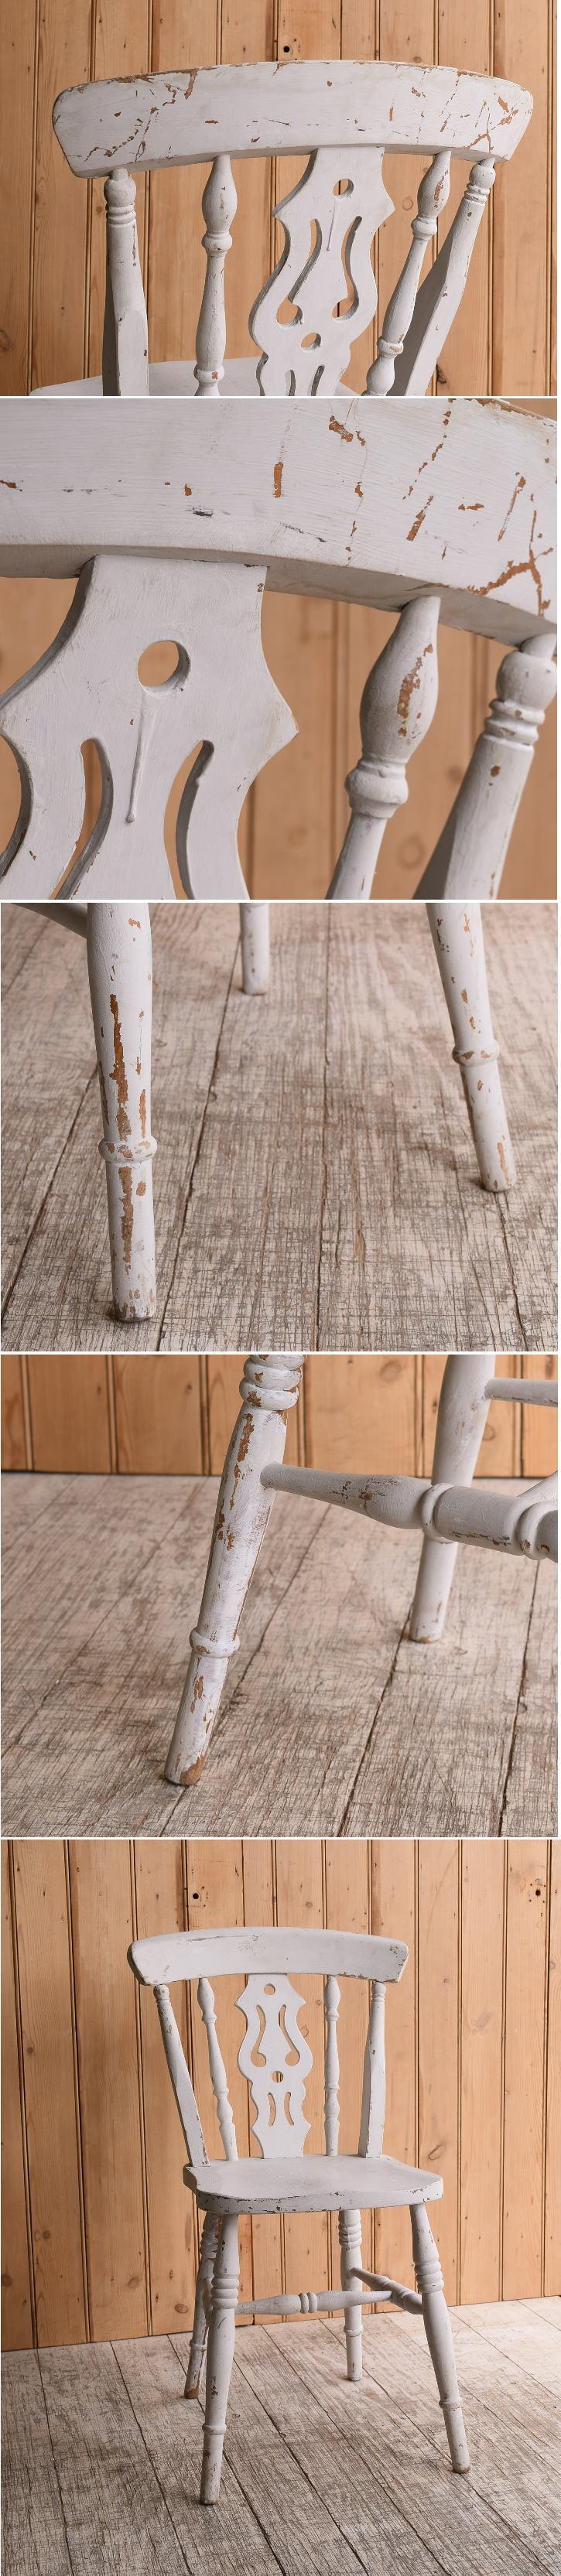 イギリス アンティーク家具 キッチンチェア 椅子 10160